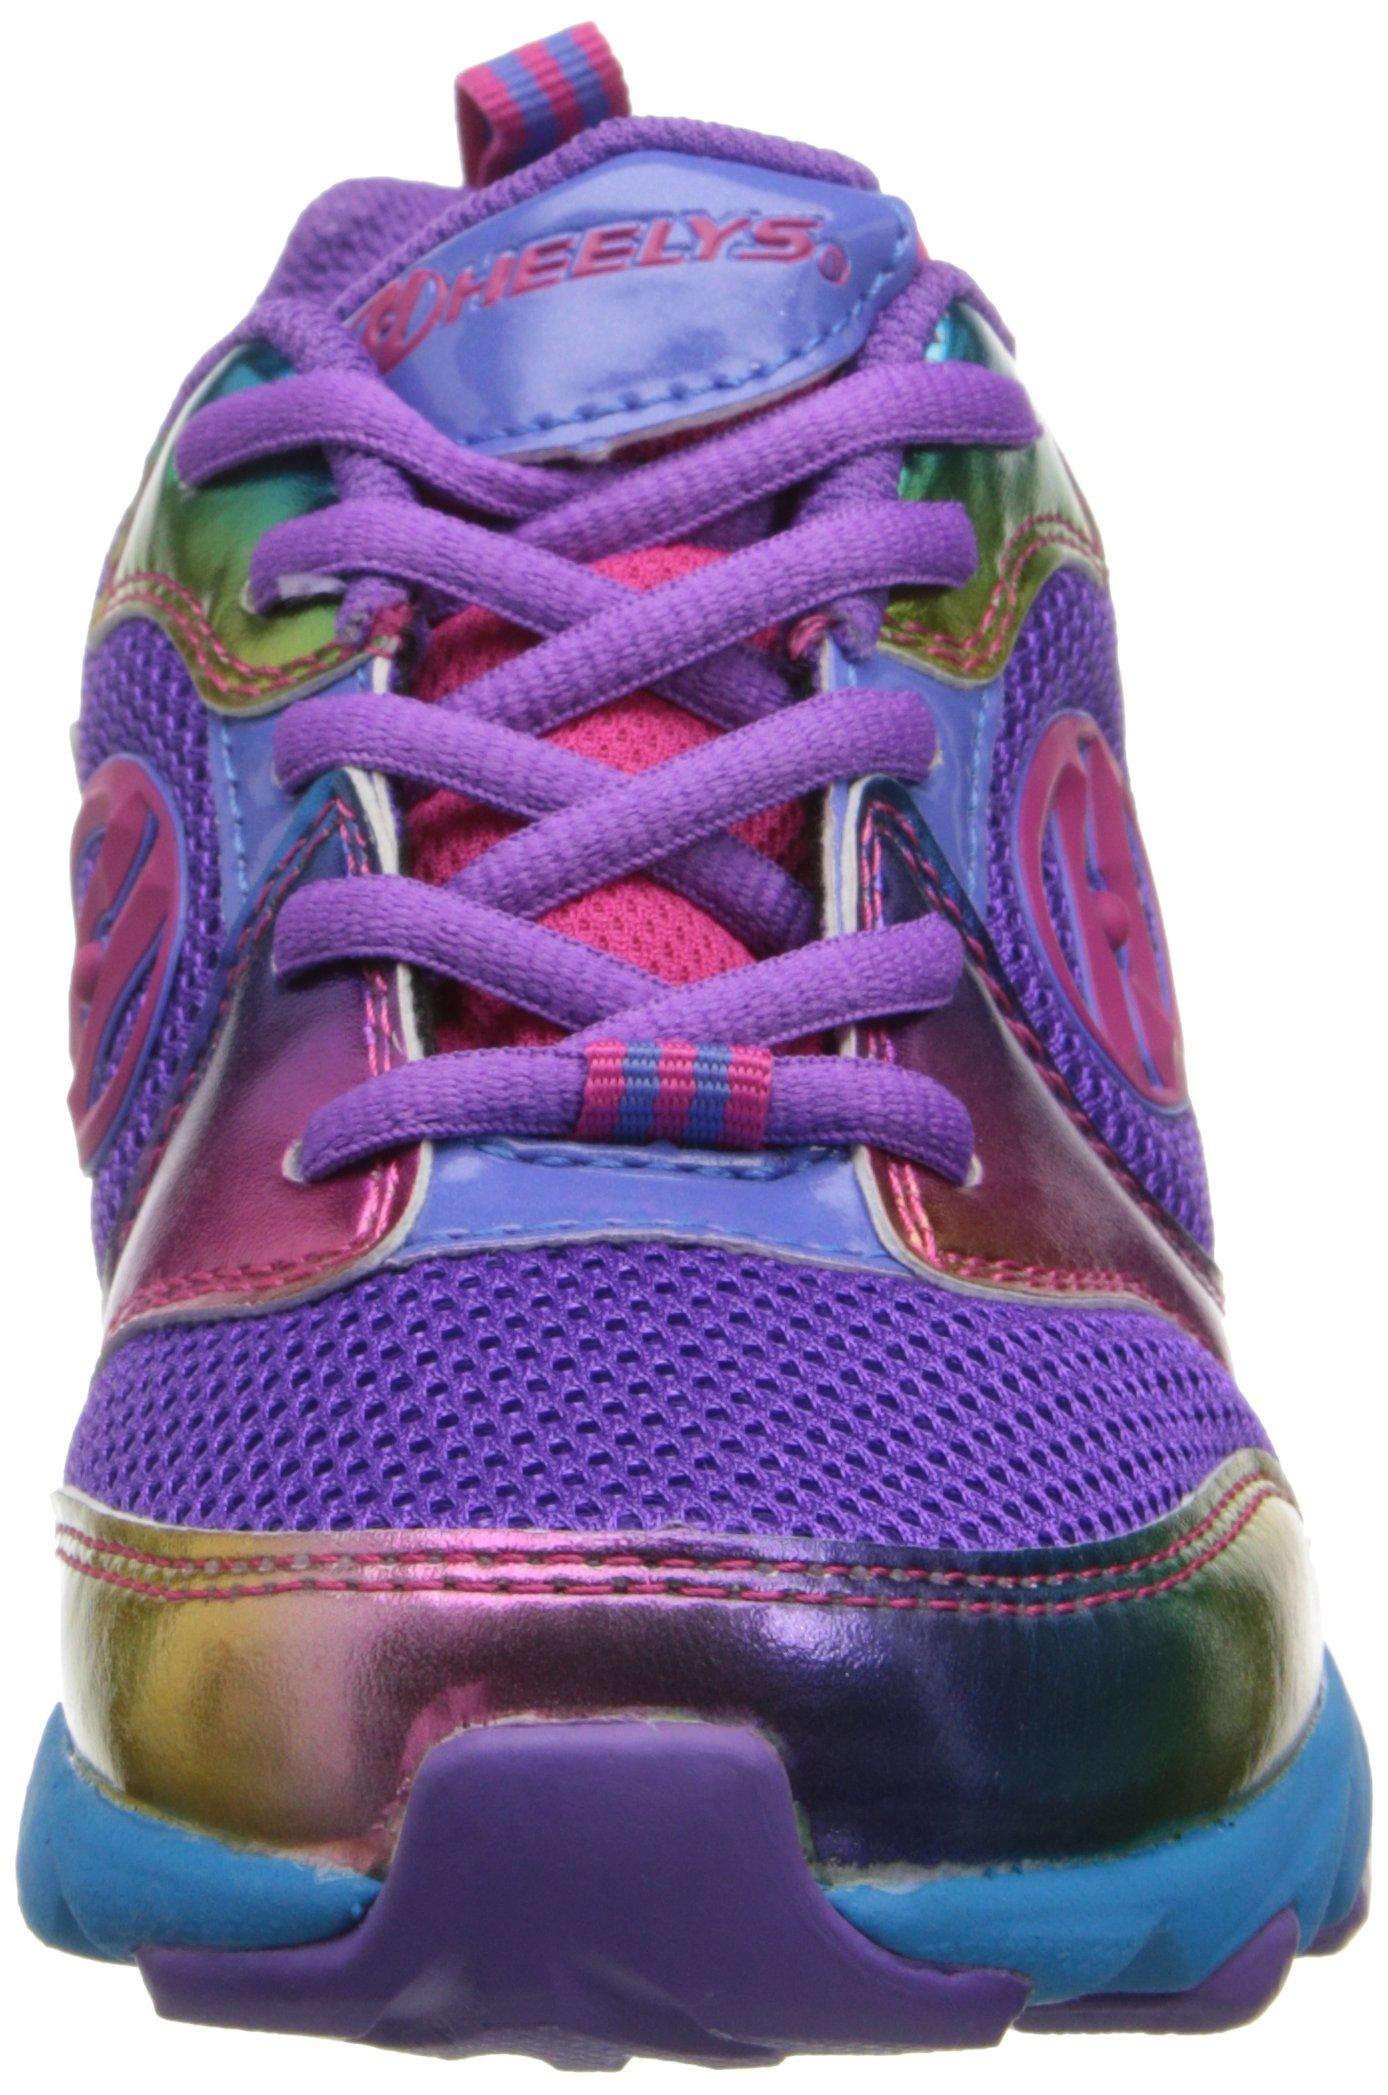 Heelys Race Skate Shoe (Little Kid/Big Kid),Purple/Rainbow,2 M US Little Kid by Heelys (Image #4)